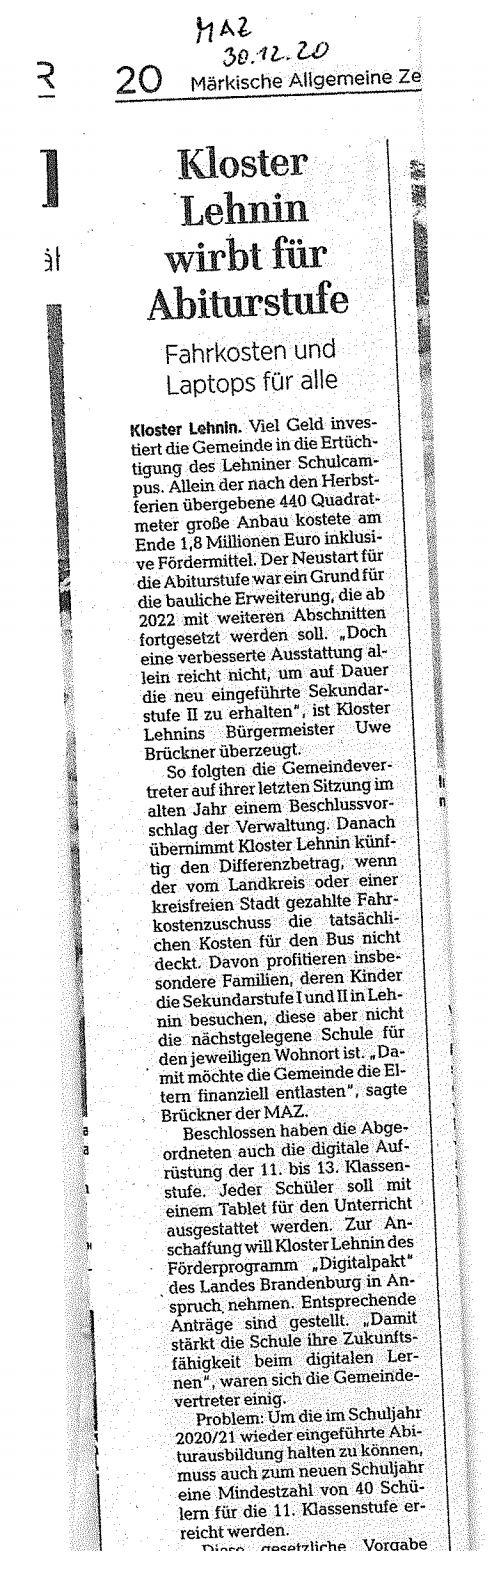 Kloster Lehnin wirbt für Abitur